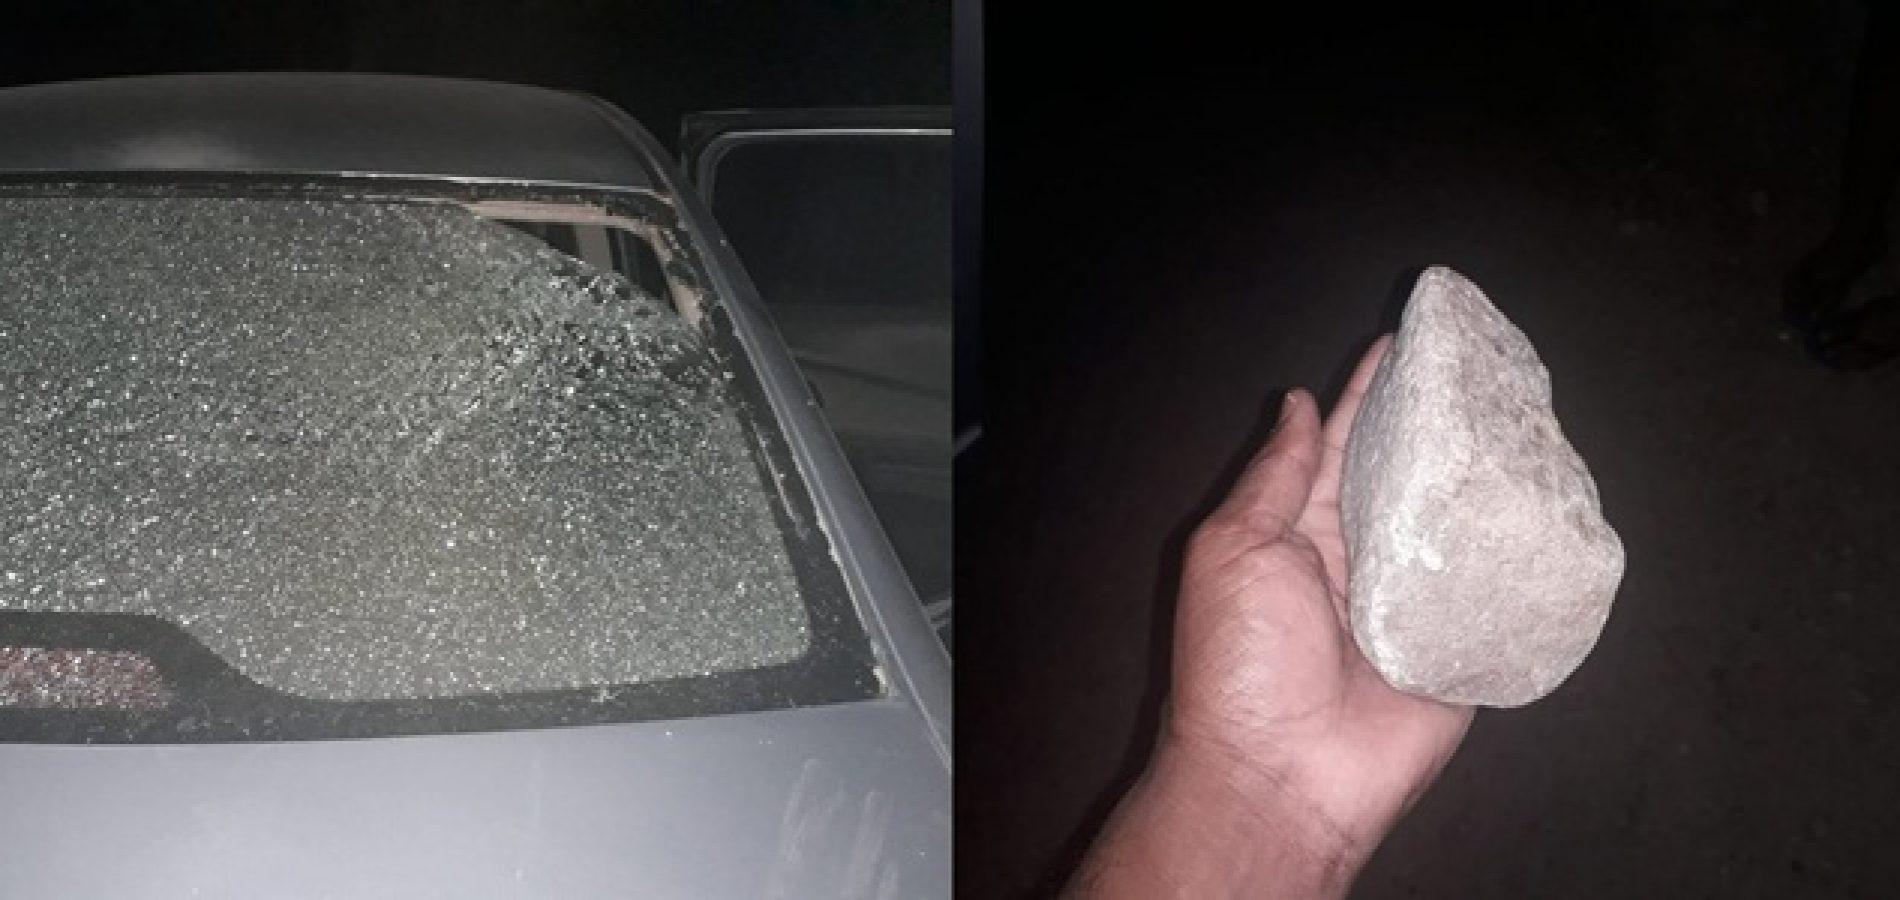 PATOS | Homem é suspeito de ameaçar esposa e lançar pedra contra carro ocupado por ela e os filhos